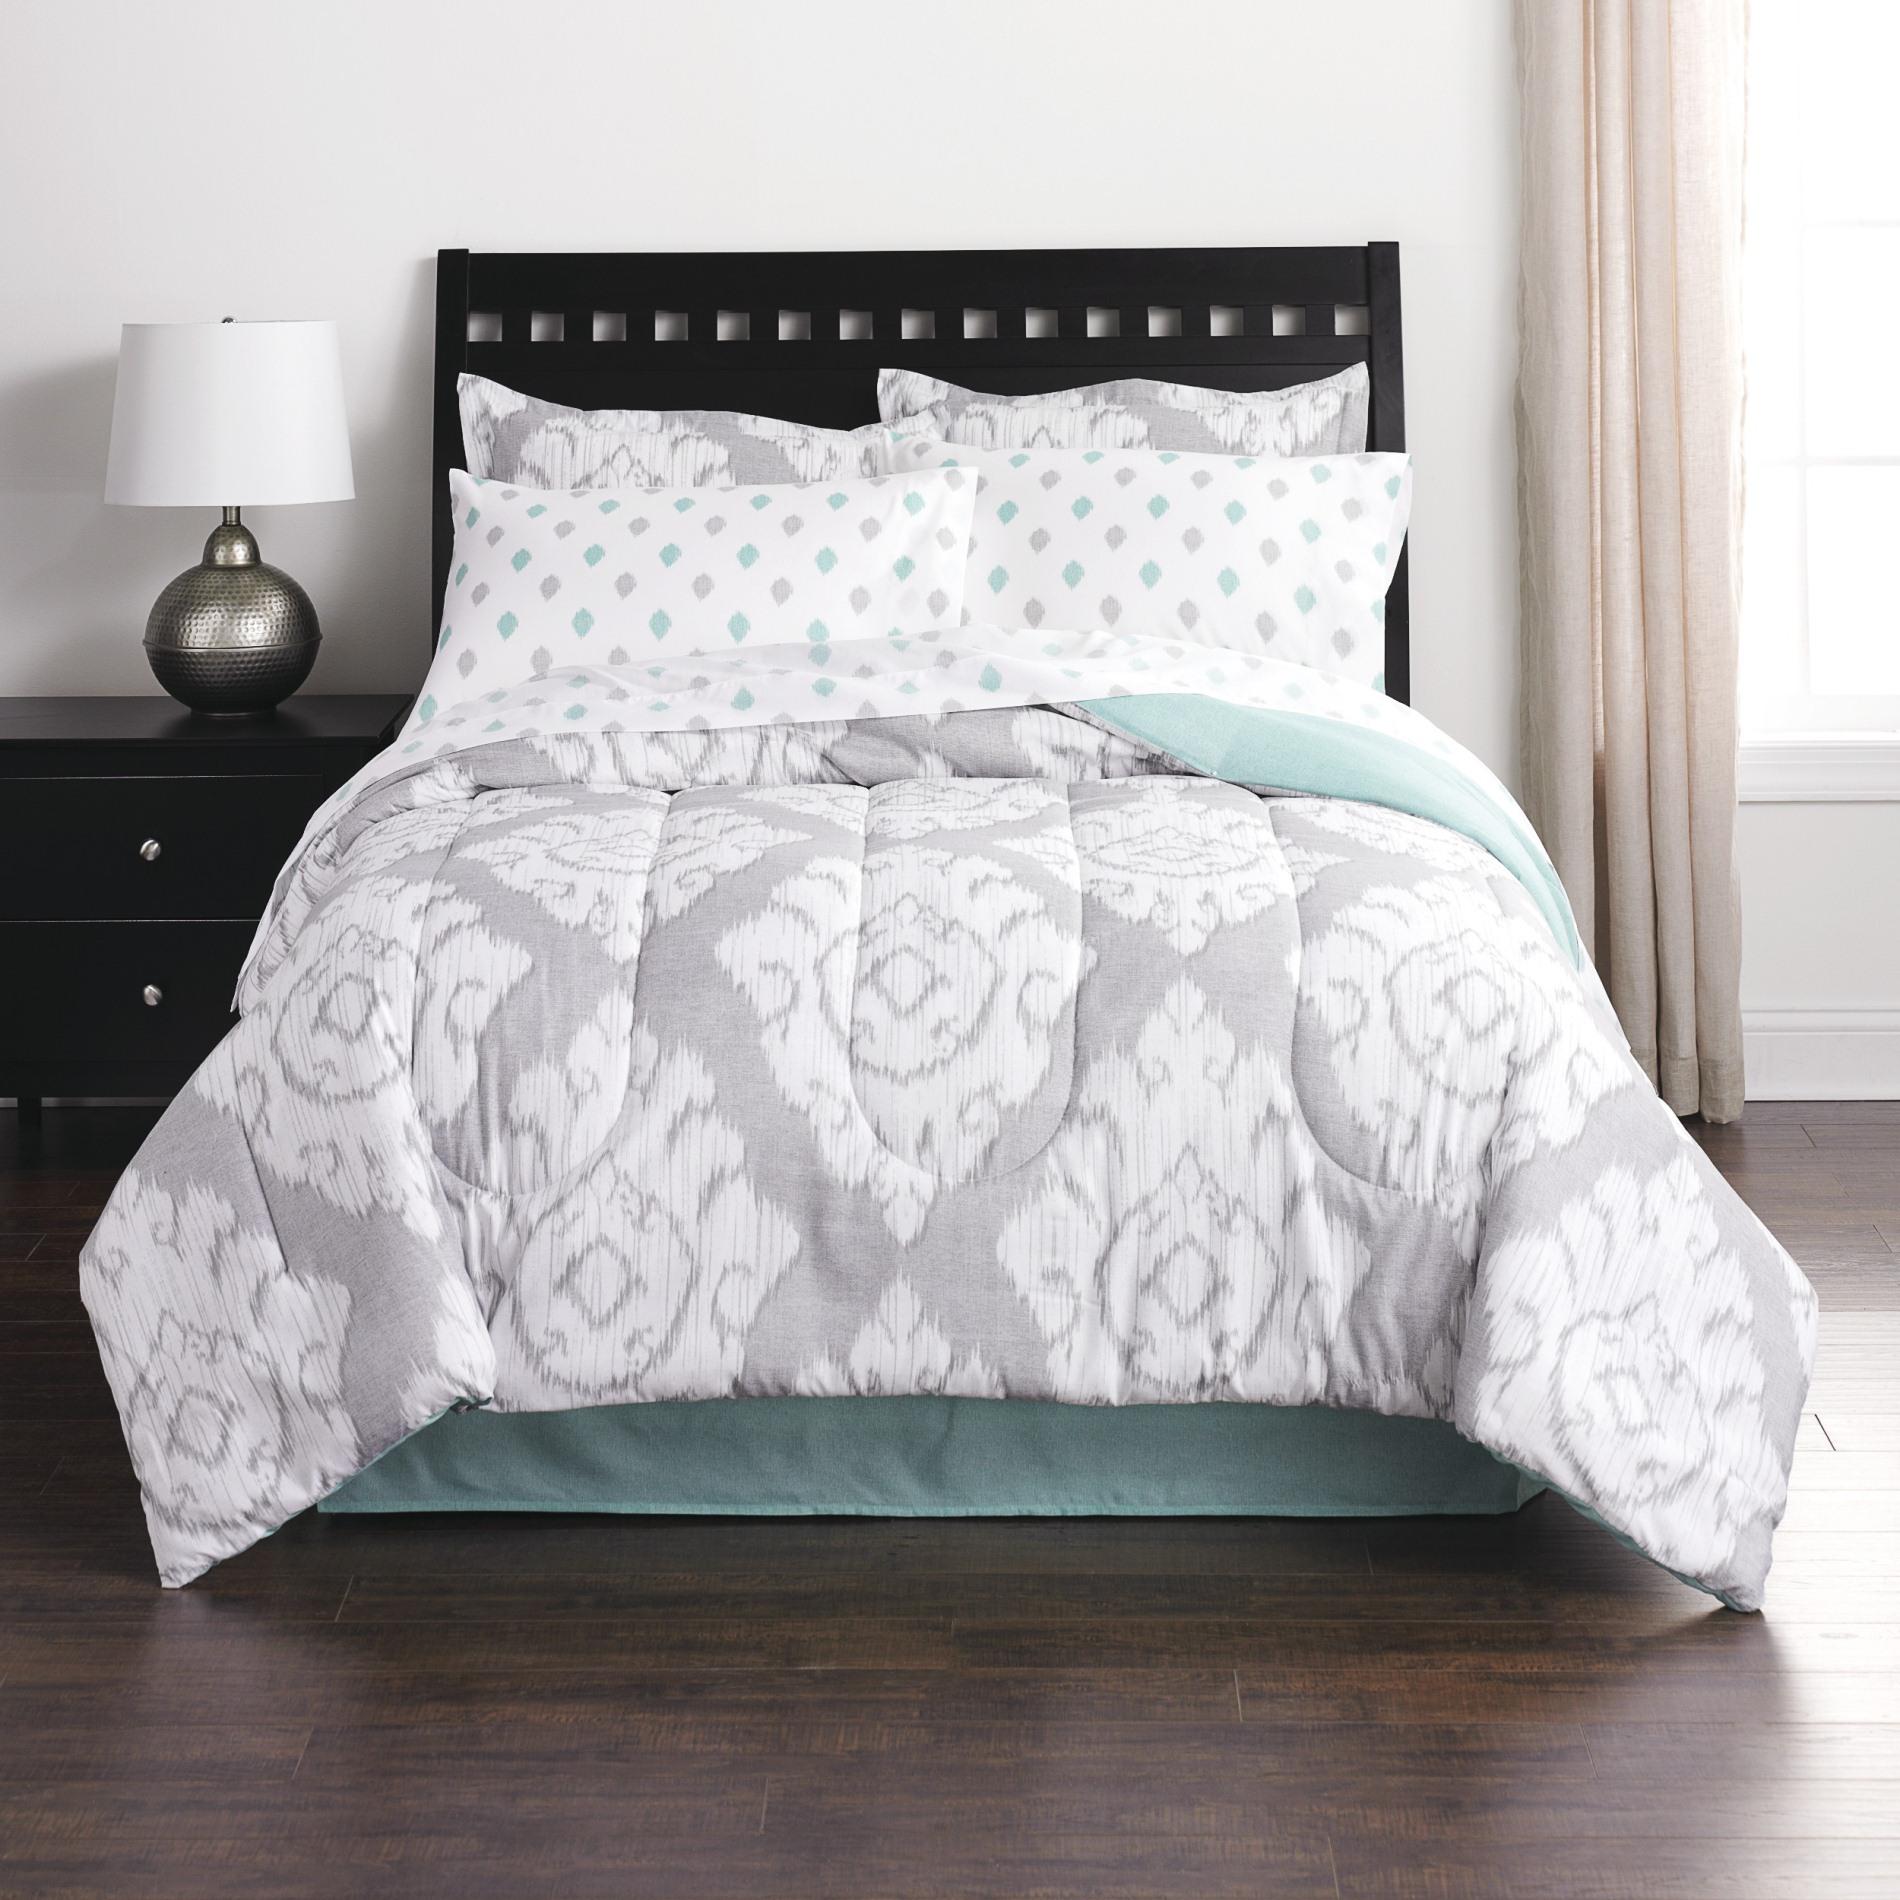 Colormate Complete Bed Set Ikat Flouris